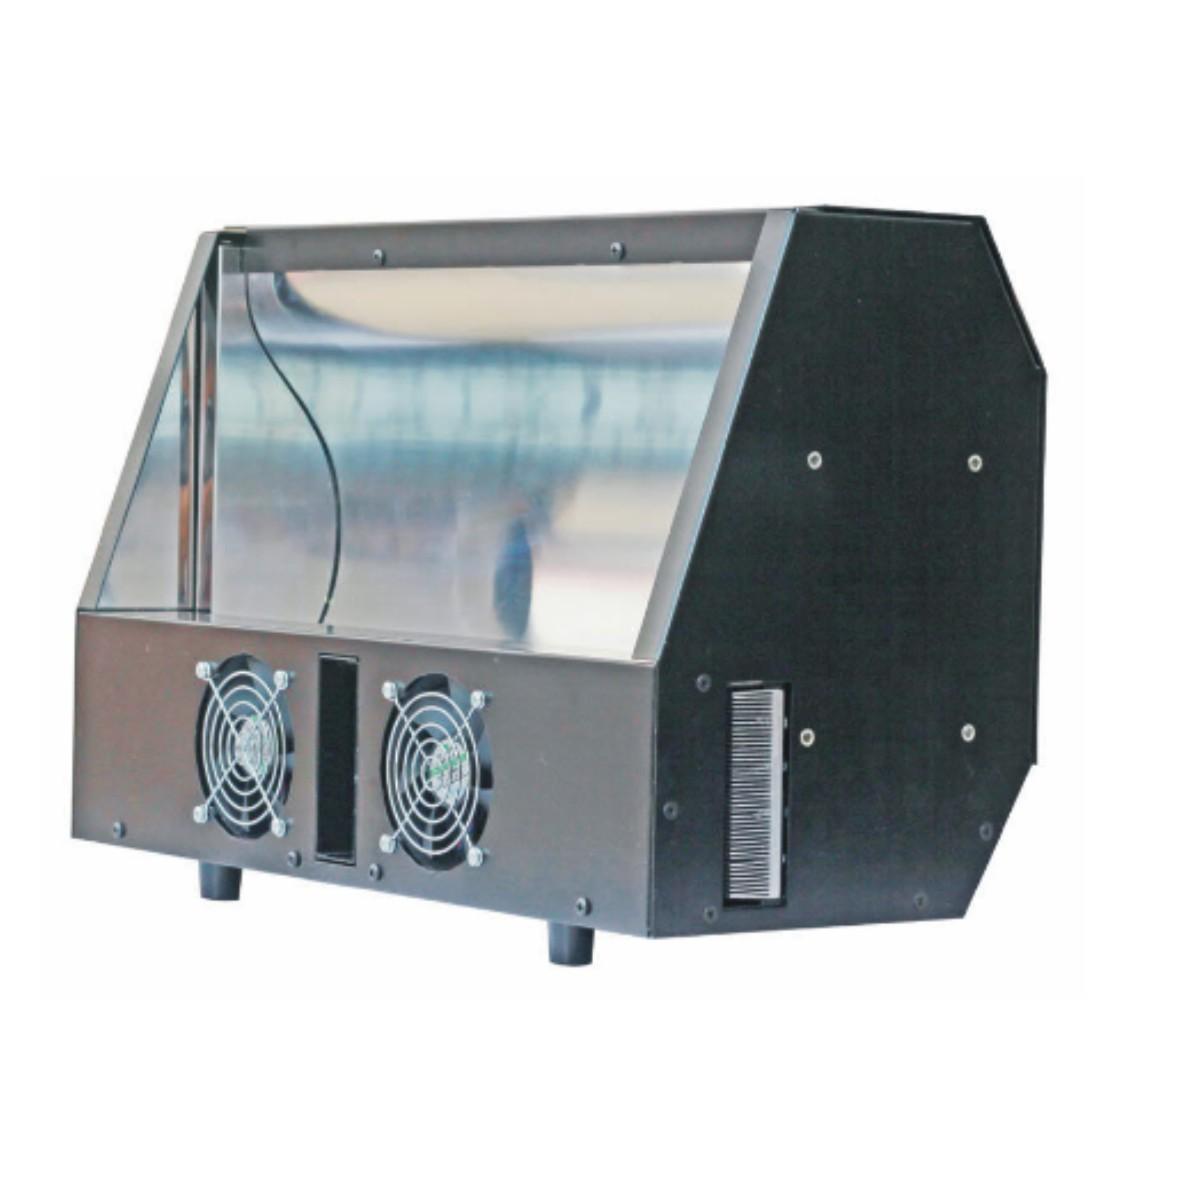 WTSD-LED-10×32 LED数字化地排灯